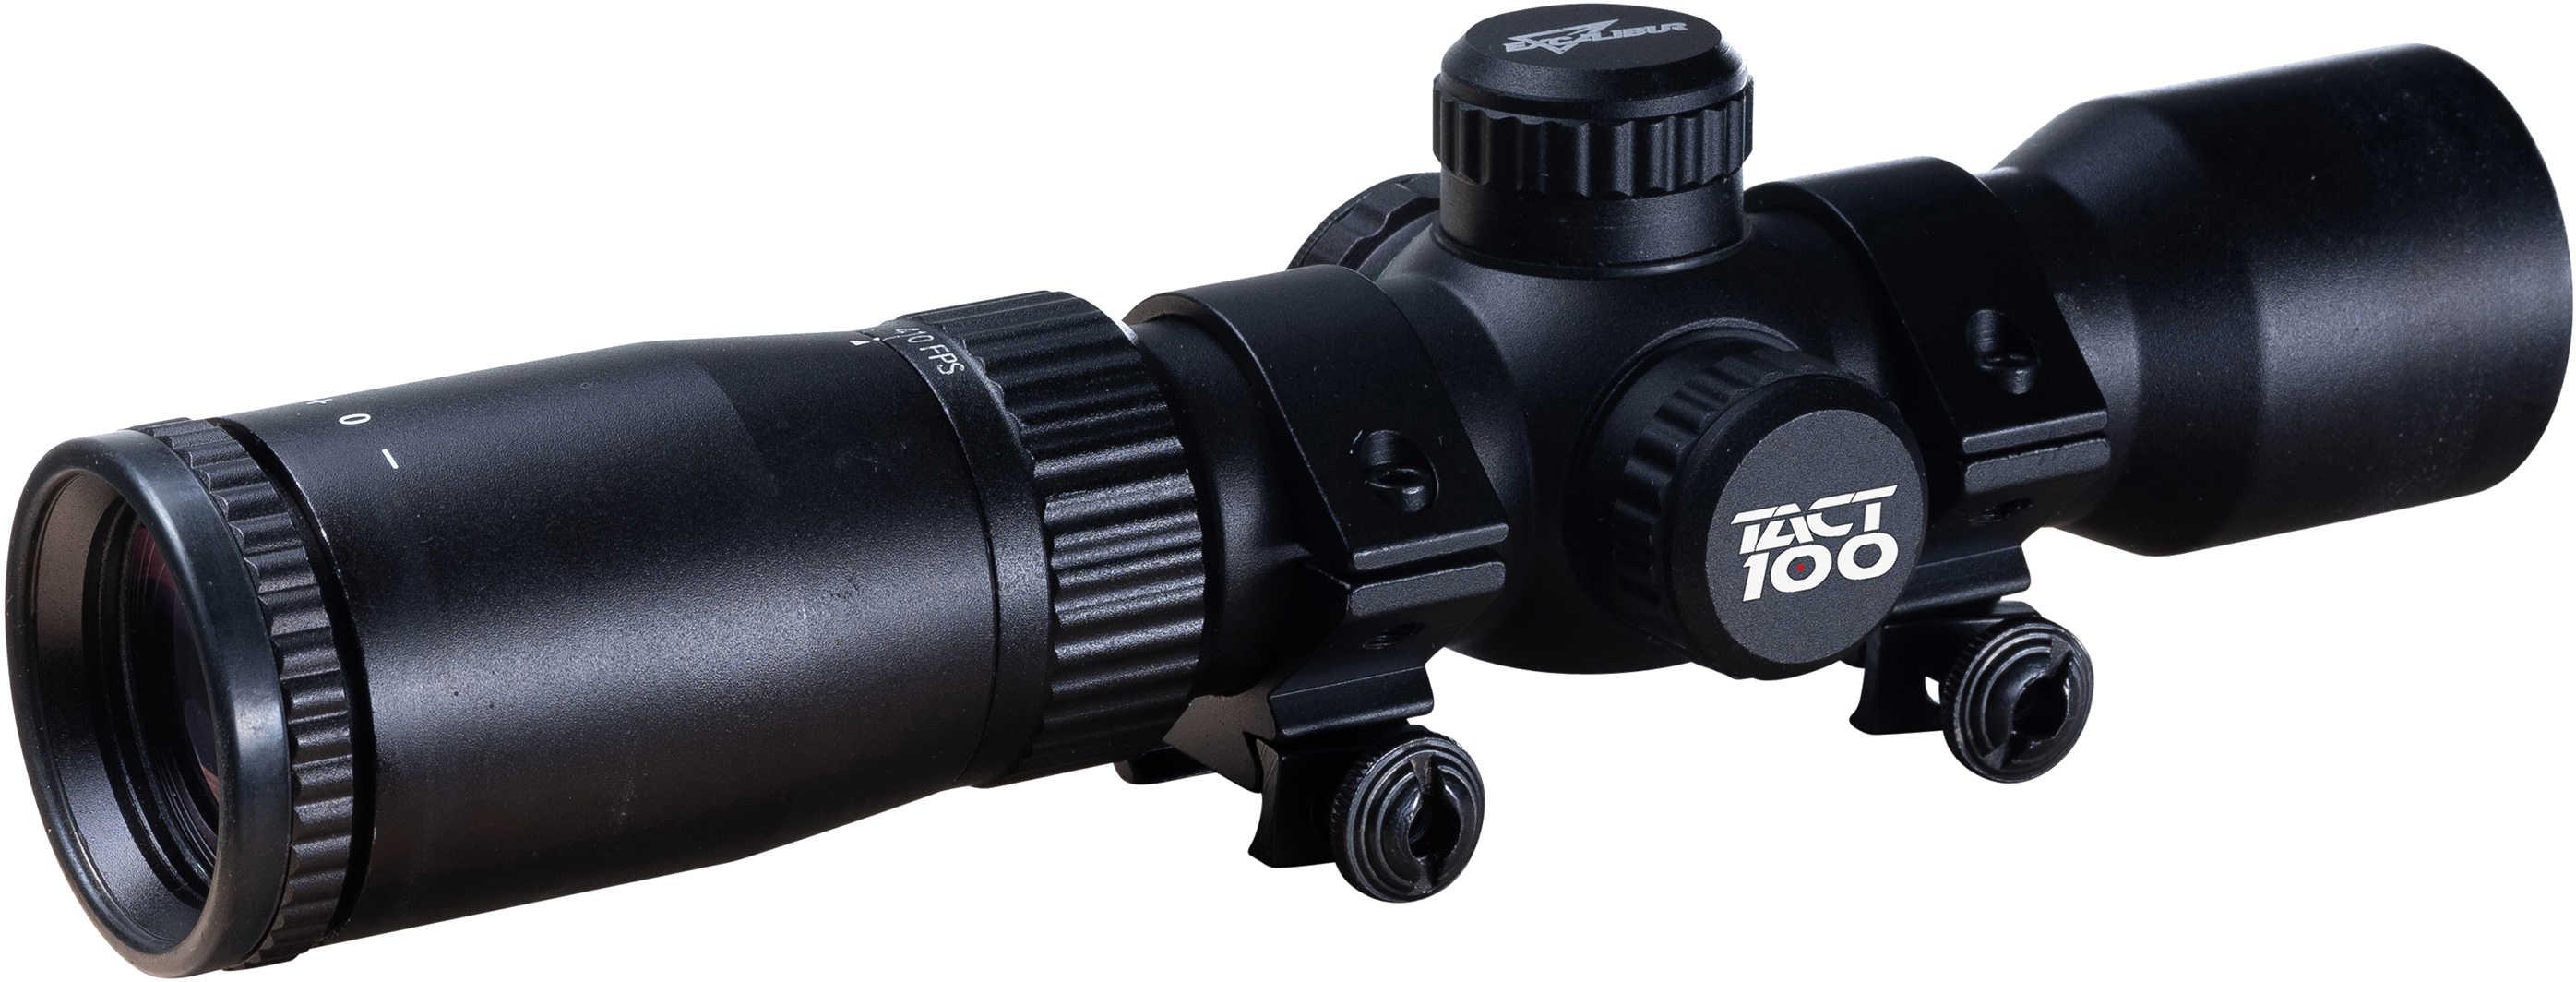 Excalibur Crossbow Tact 100 Scope, 1 5-5x32mm, Multi-Plex Reticle, Black